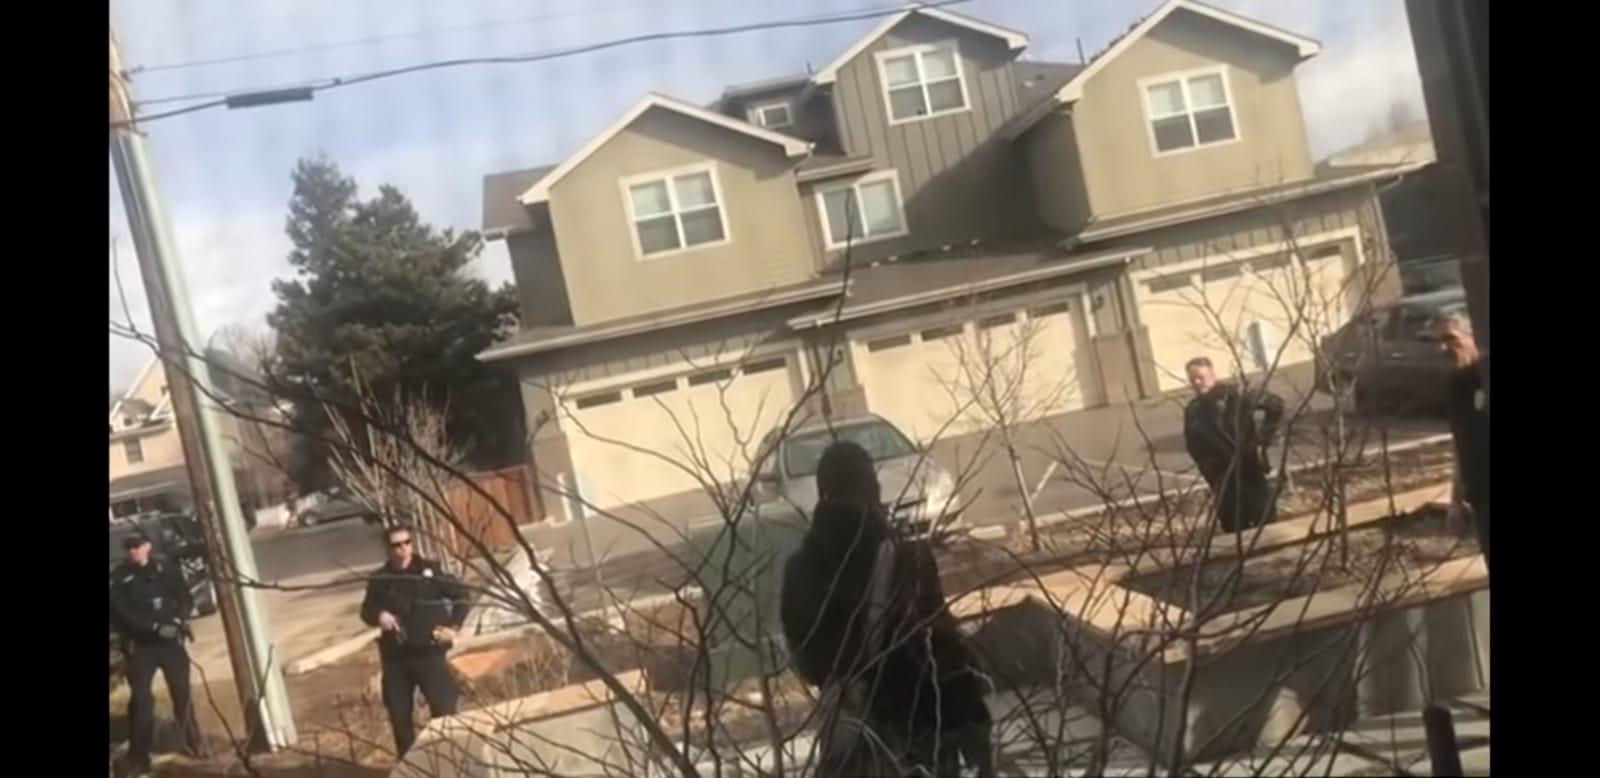 Boulder police detain Black man for doing yard work, community fights back